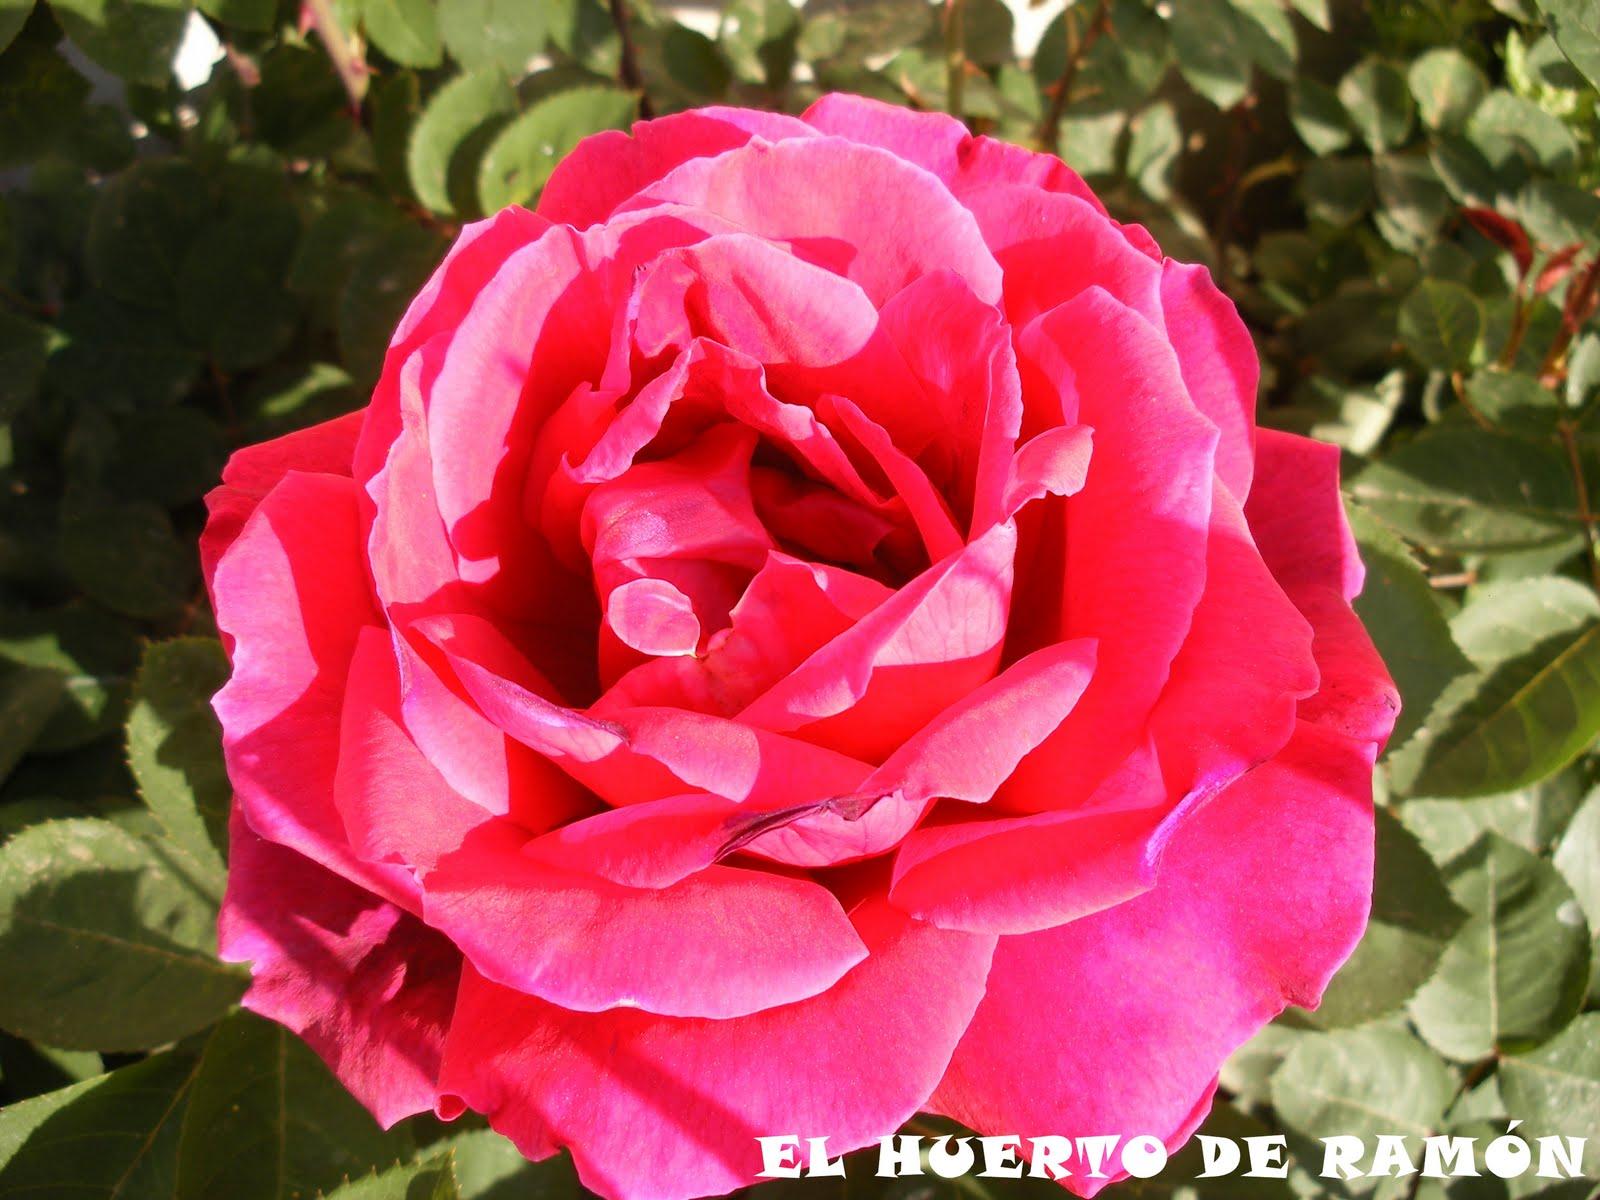 El huerto de ram n flores de plantas ornamentales ii for Una planta ornamental